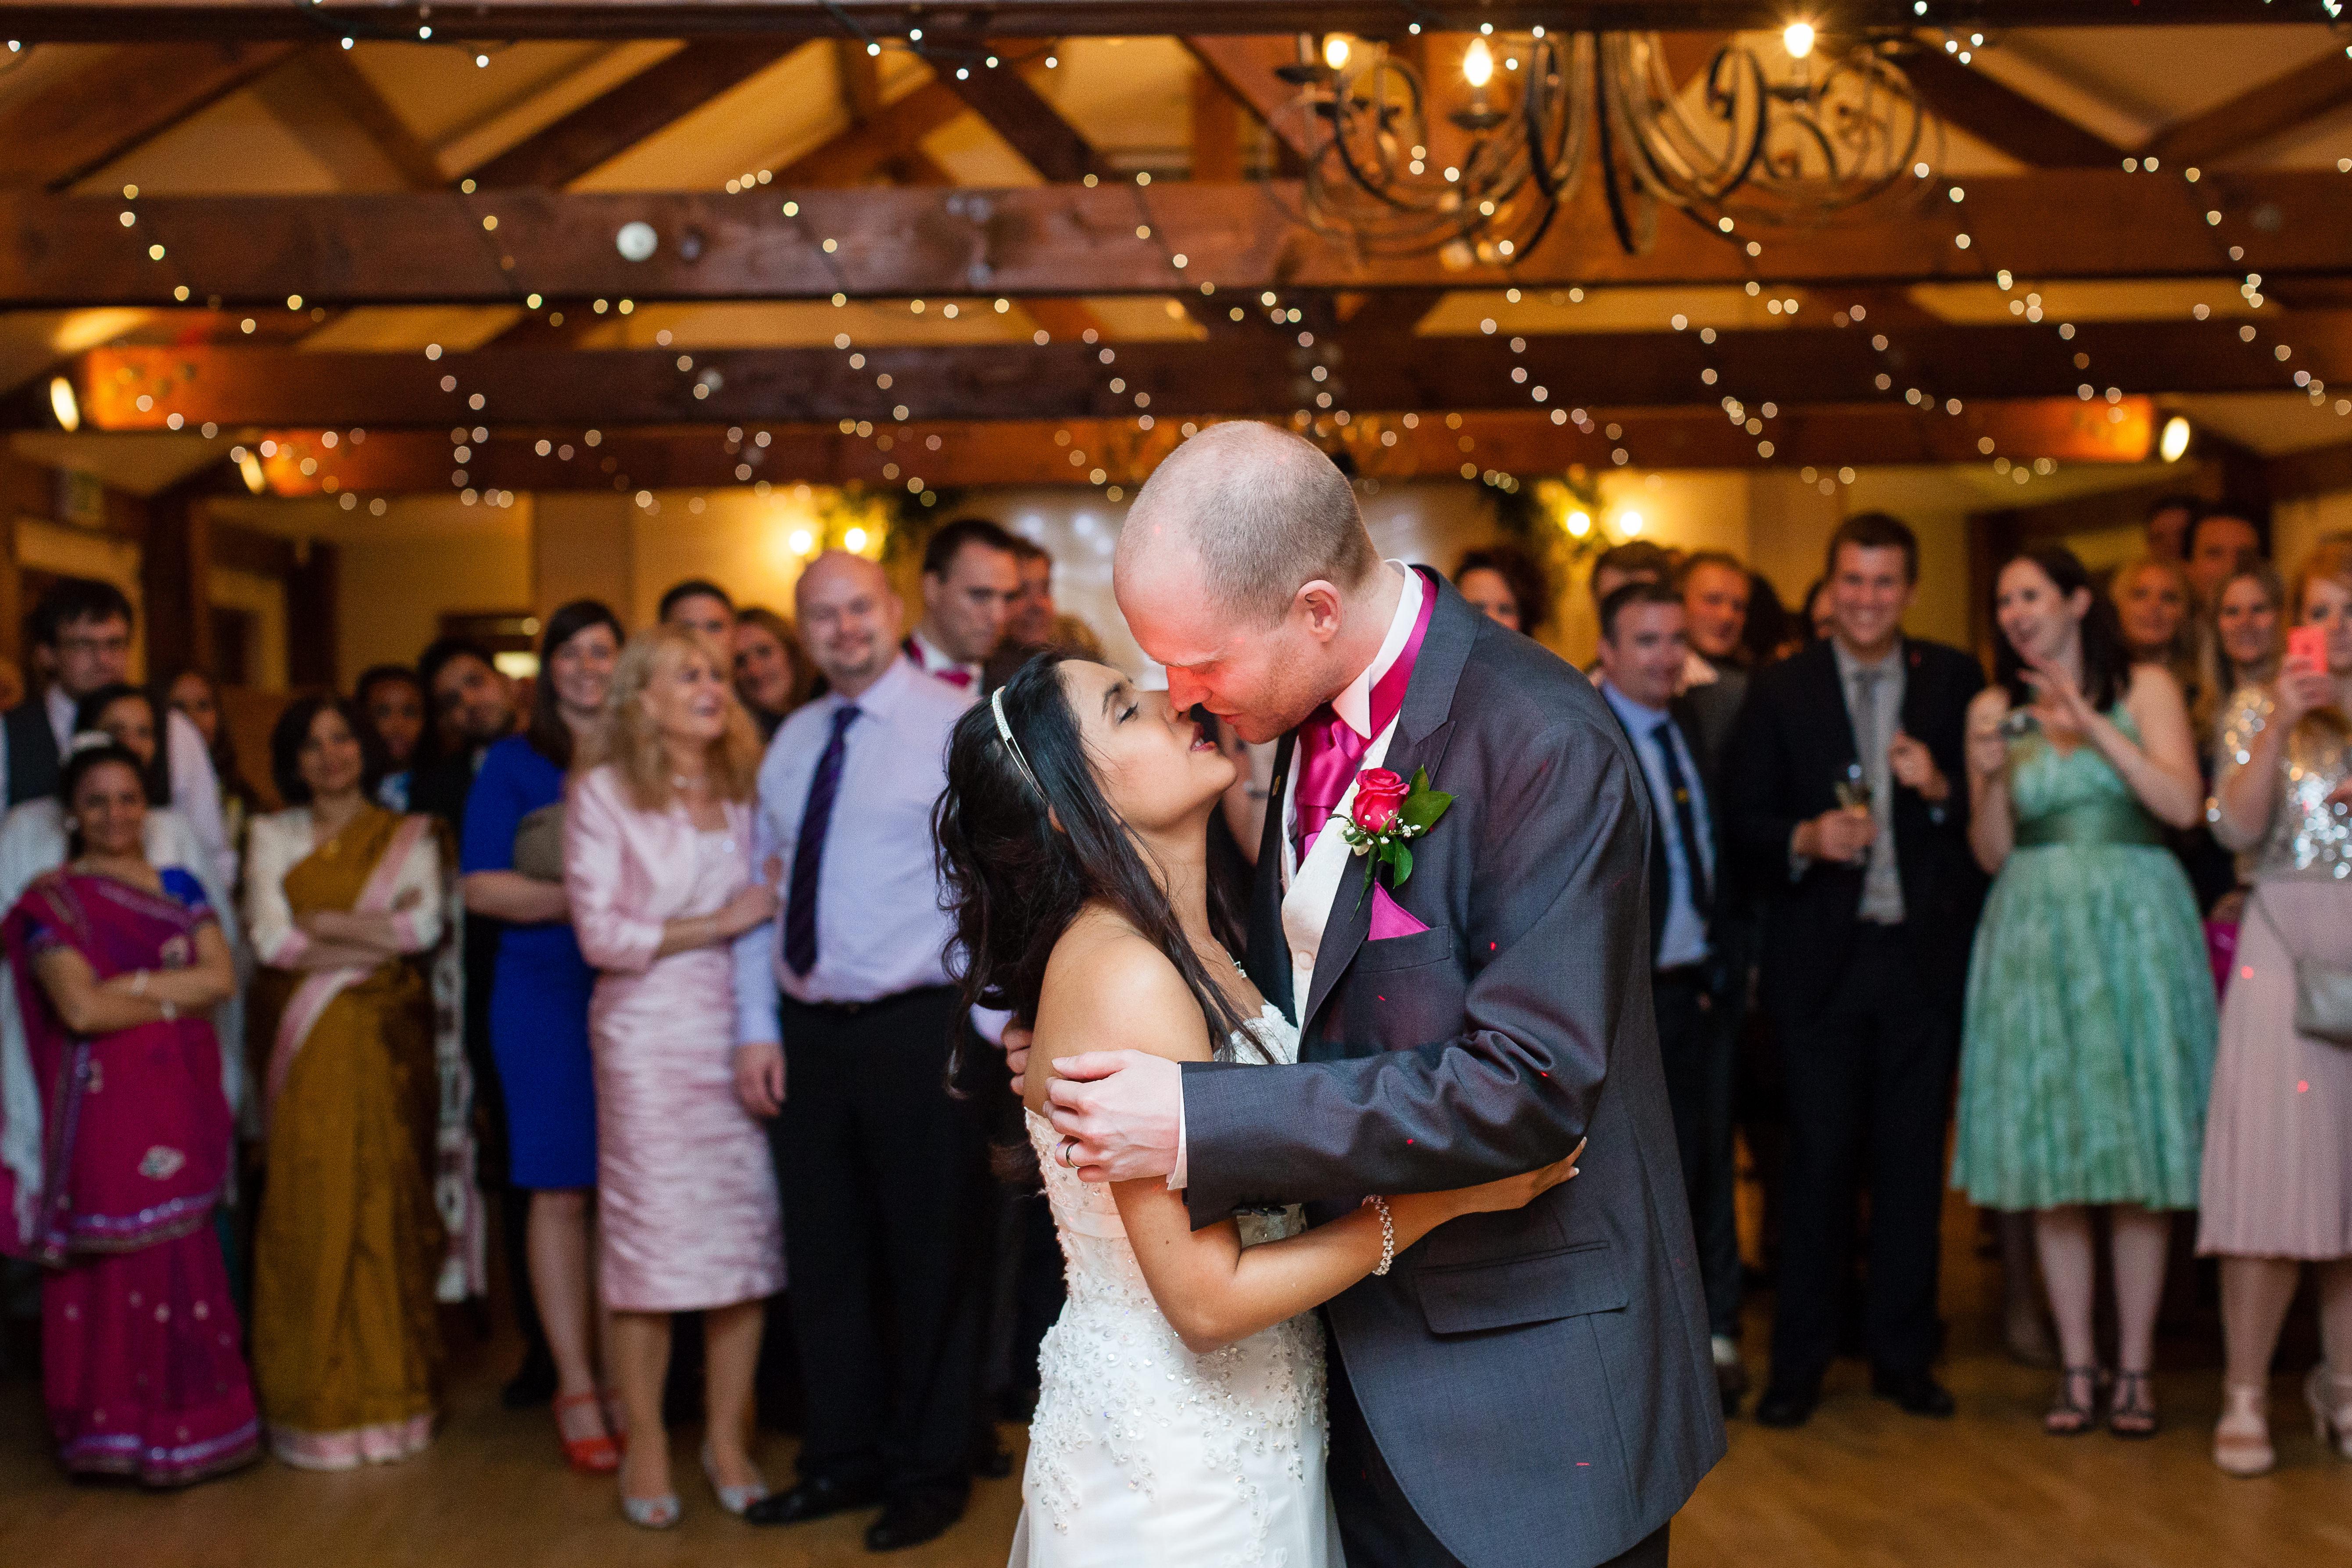 Amisha & Eddie's wedding at Coltsford Mill